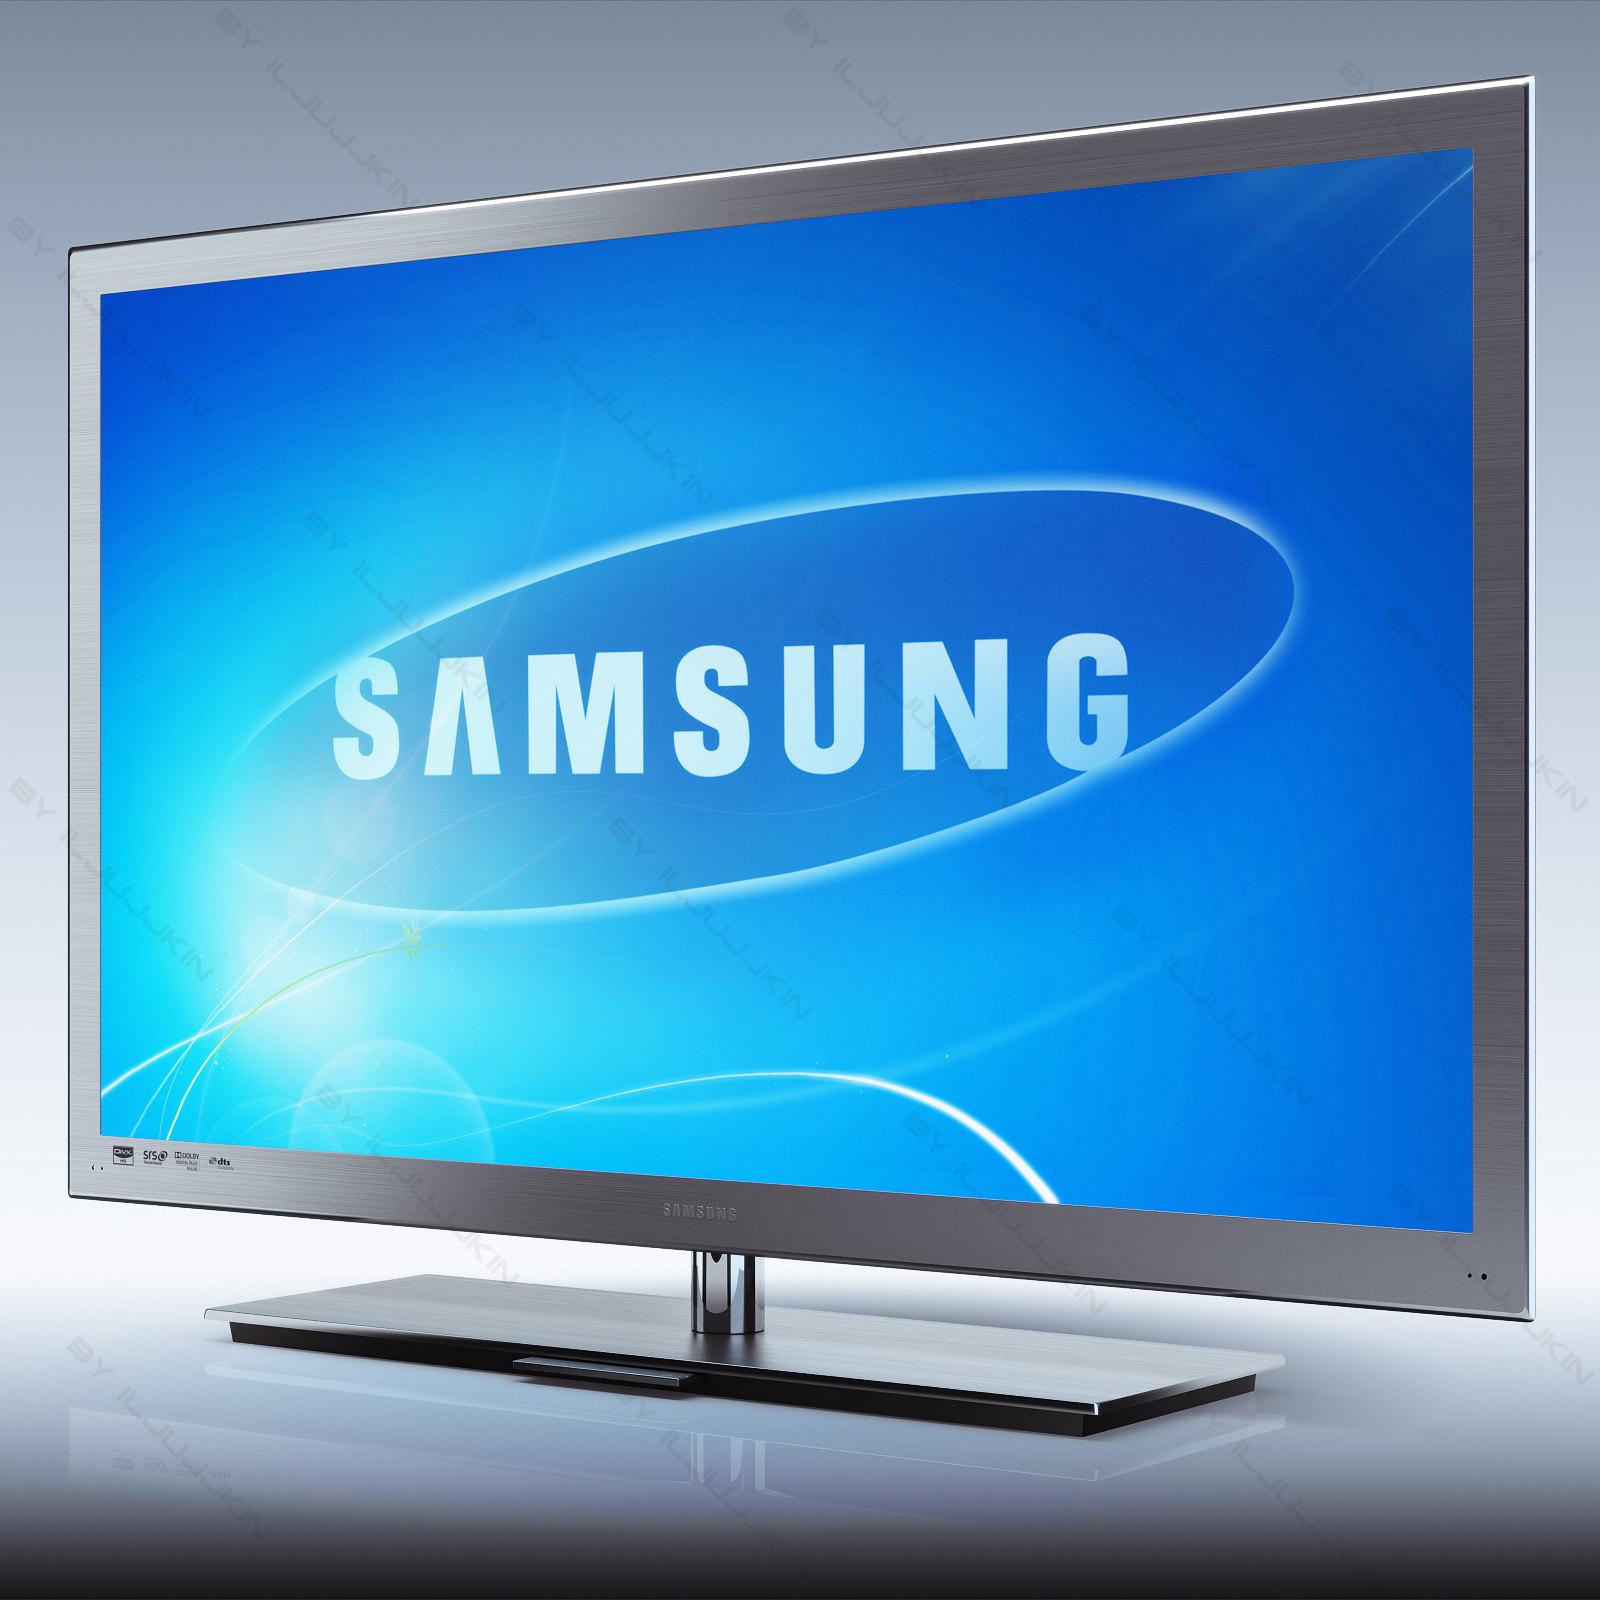 Samsung_LED_TV_9000_00.jpg